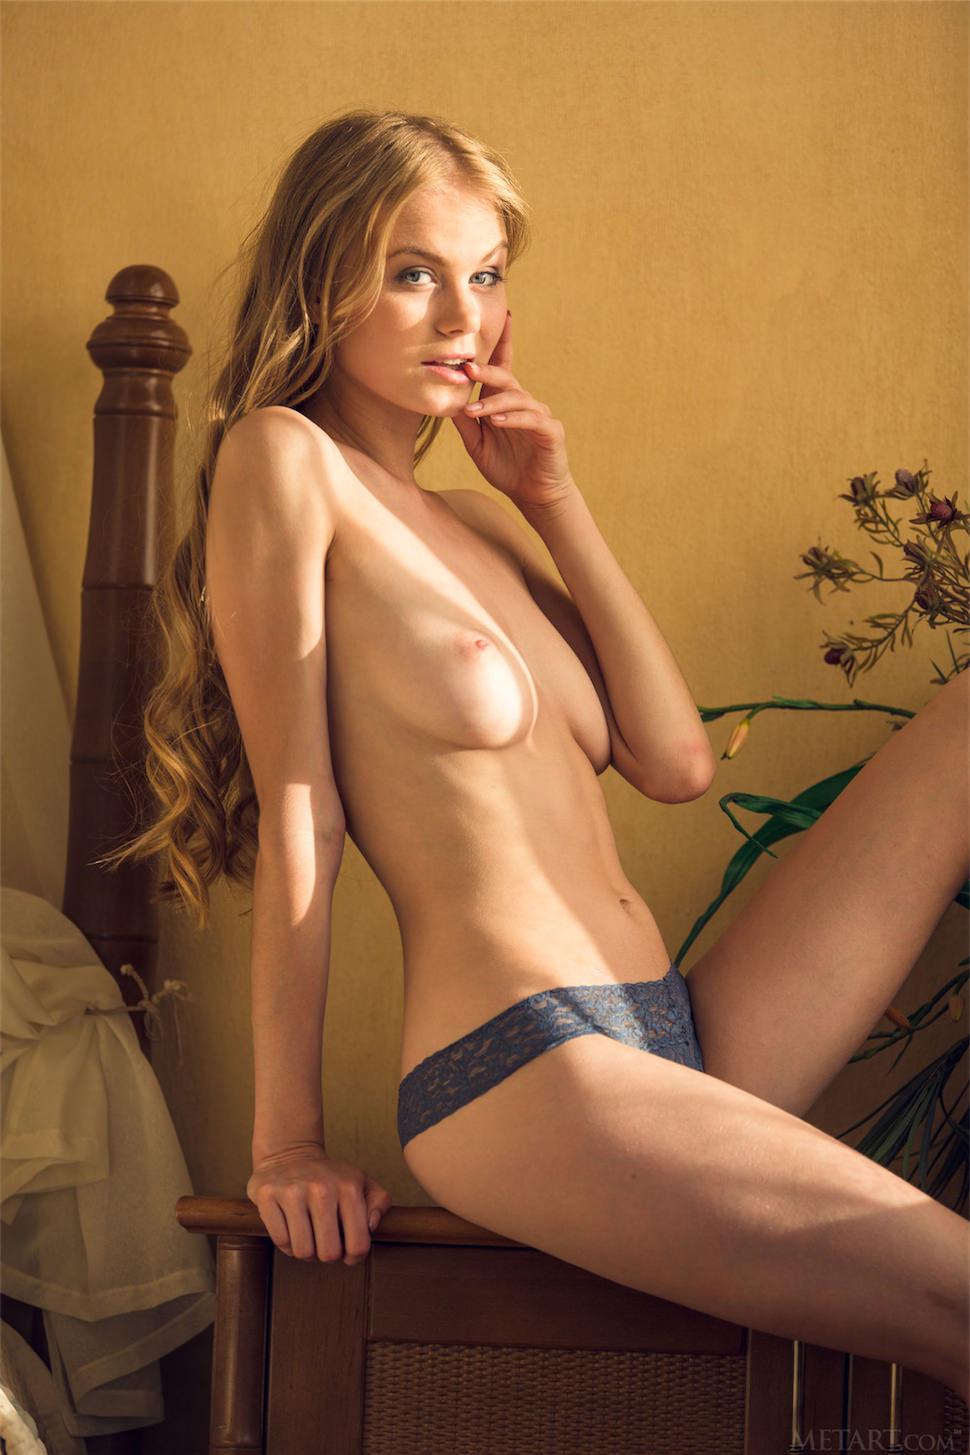 Amatuer latina ass nude